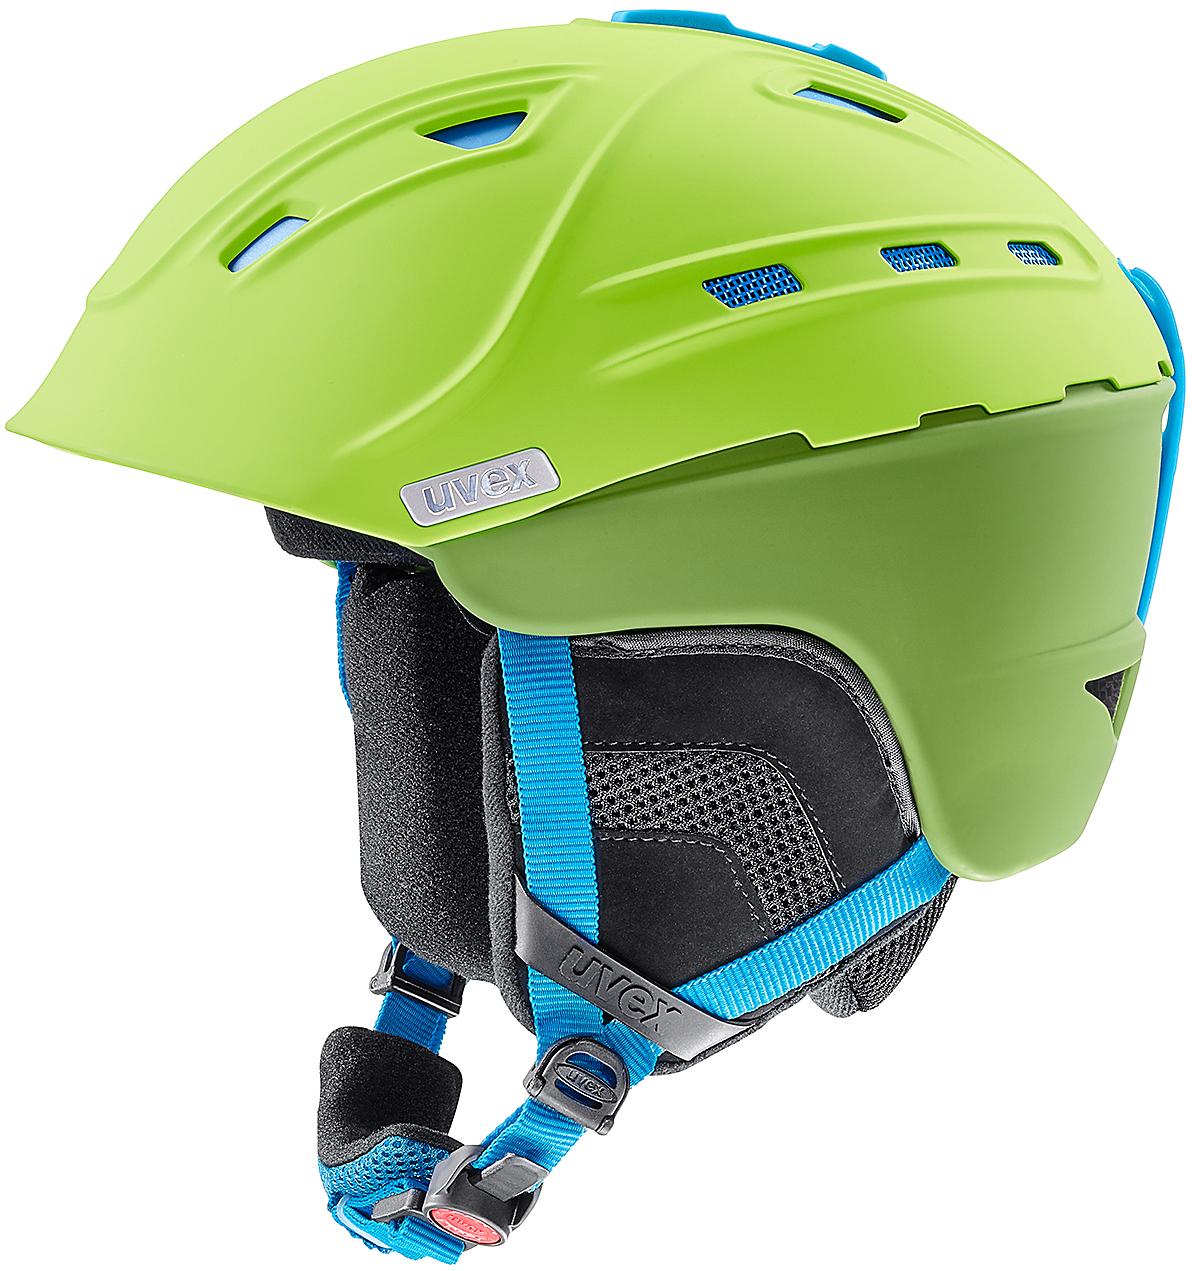 Uvex Шлем Uvex P2us, размер 55-59